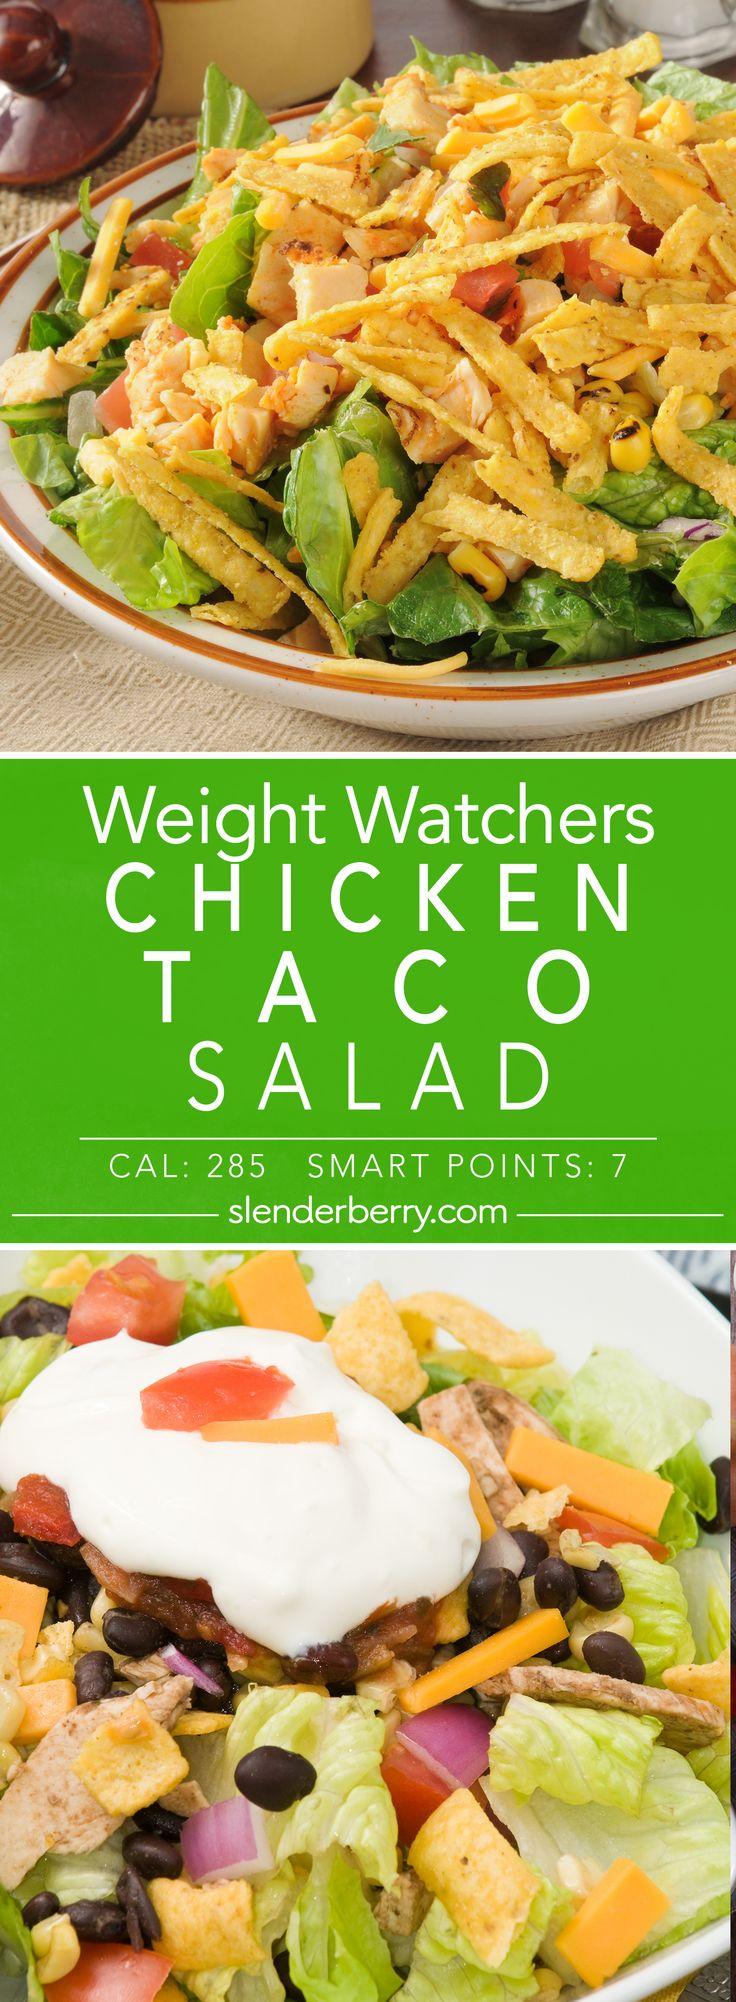 Weight Watchers Chicken Taco Salad Recipe - 7 Smart Points 285 Calories (Weight Watchers Chicken Meals)